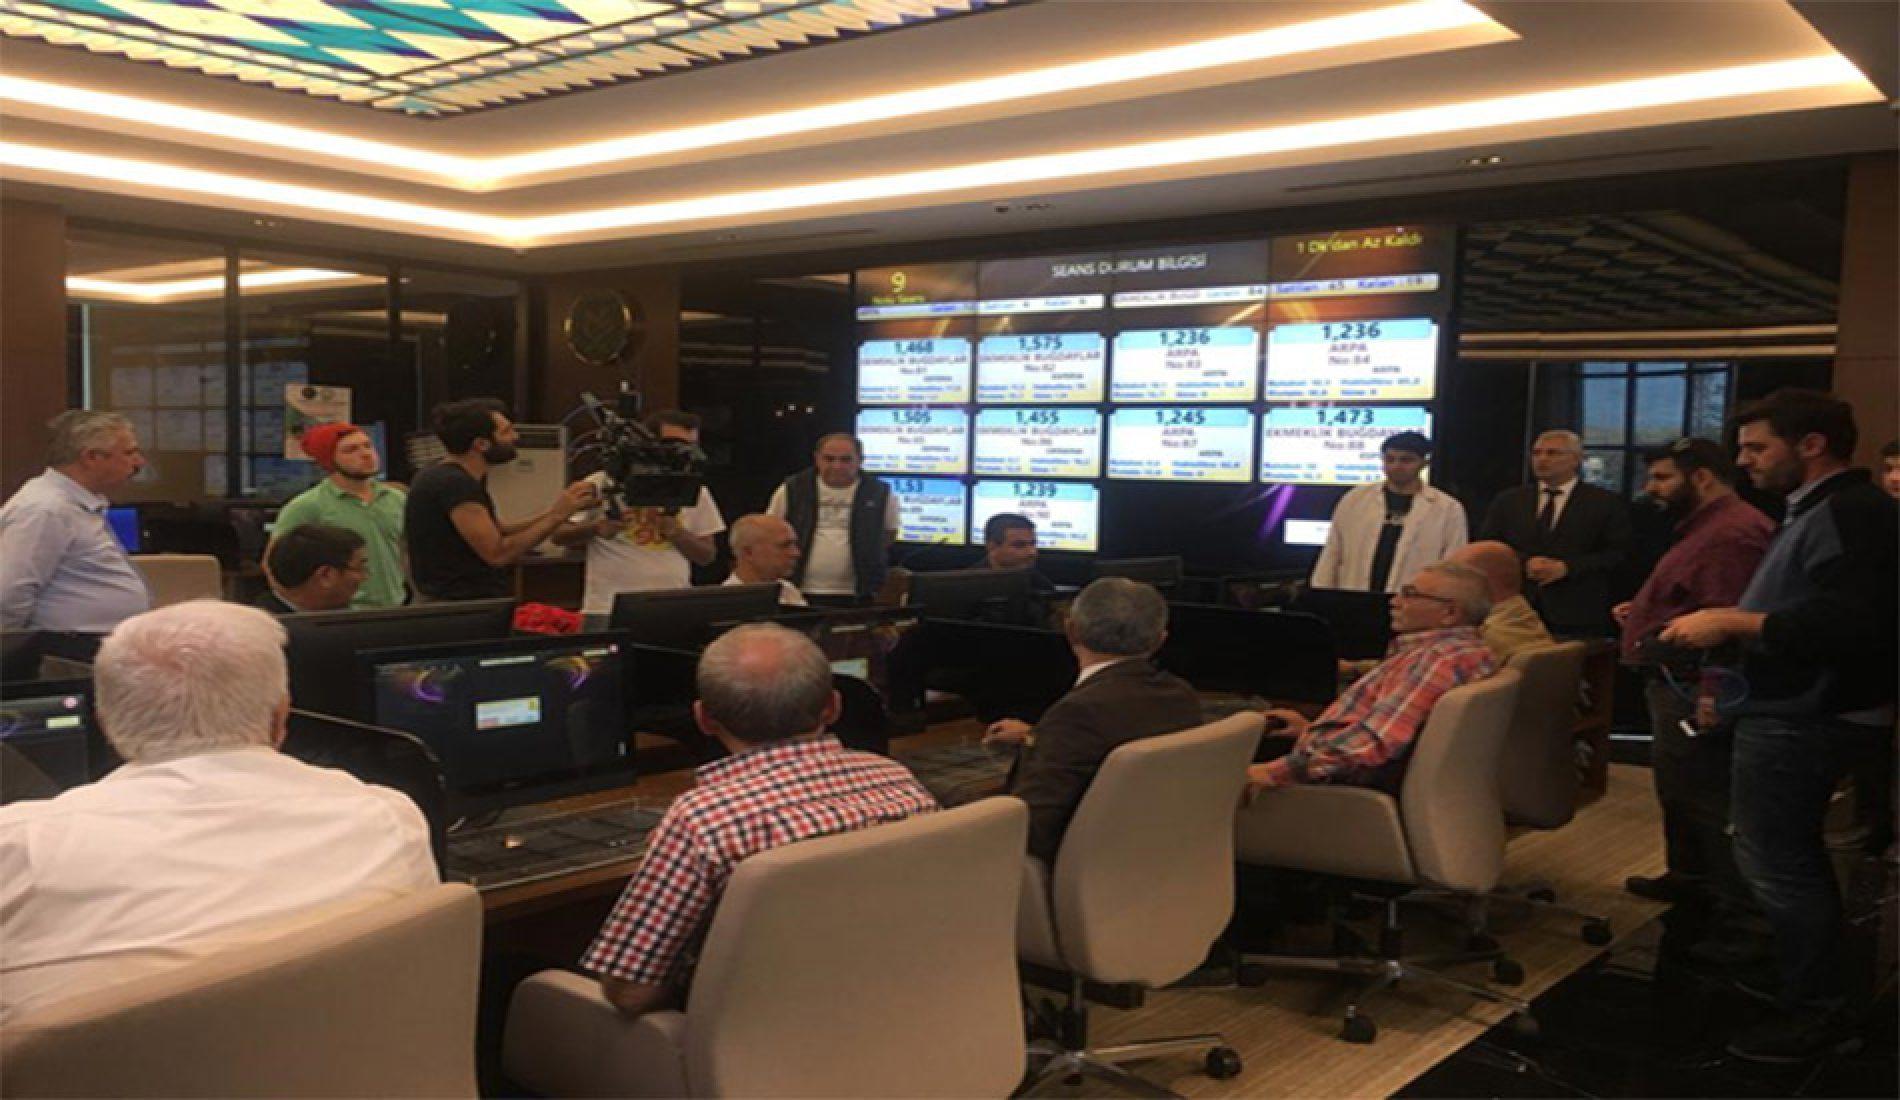 """Türkiye Odalar ve Borsalar Birliği'nin (TOBB) Organizasyonu Kapsamında """"FİLM BAHÇESİ"""" Ekibi Borsamızda Çekim gerçekleştirdi…"""